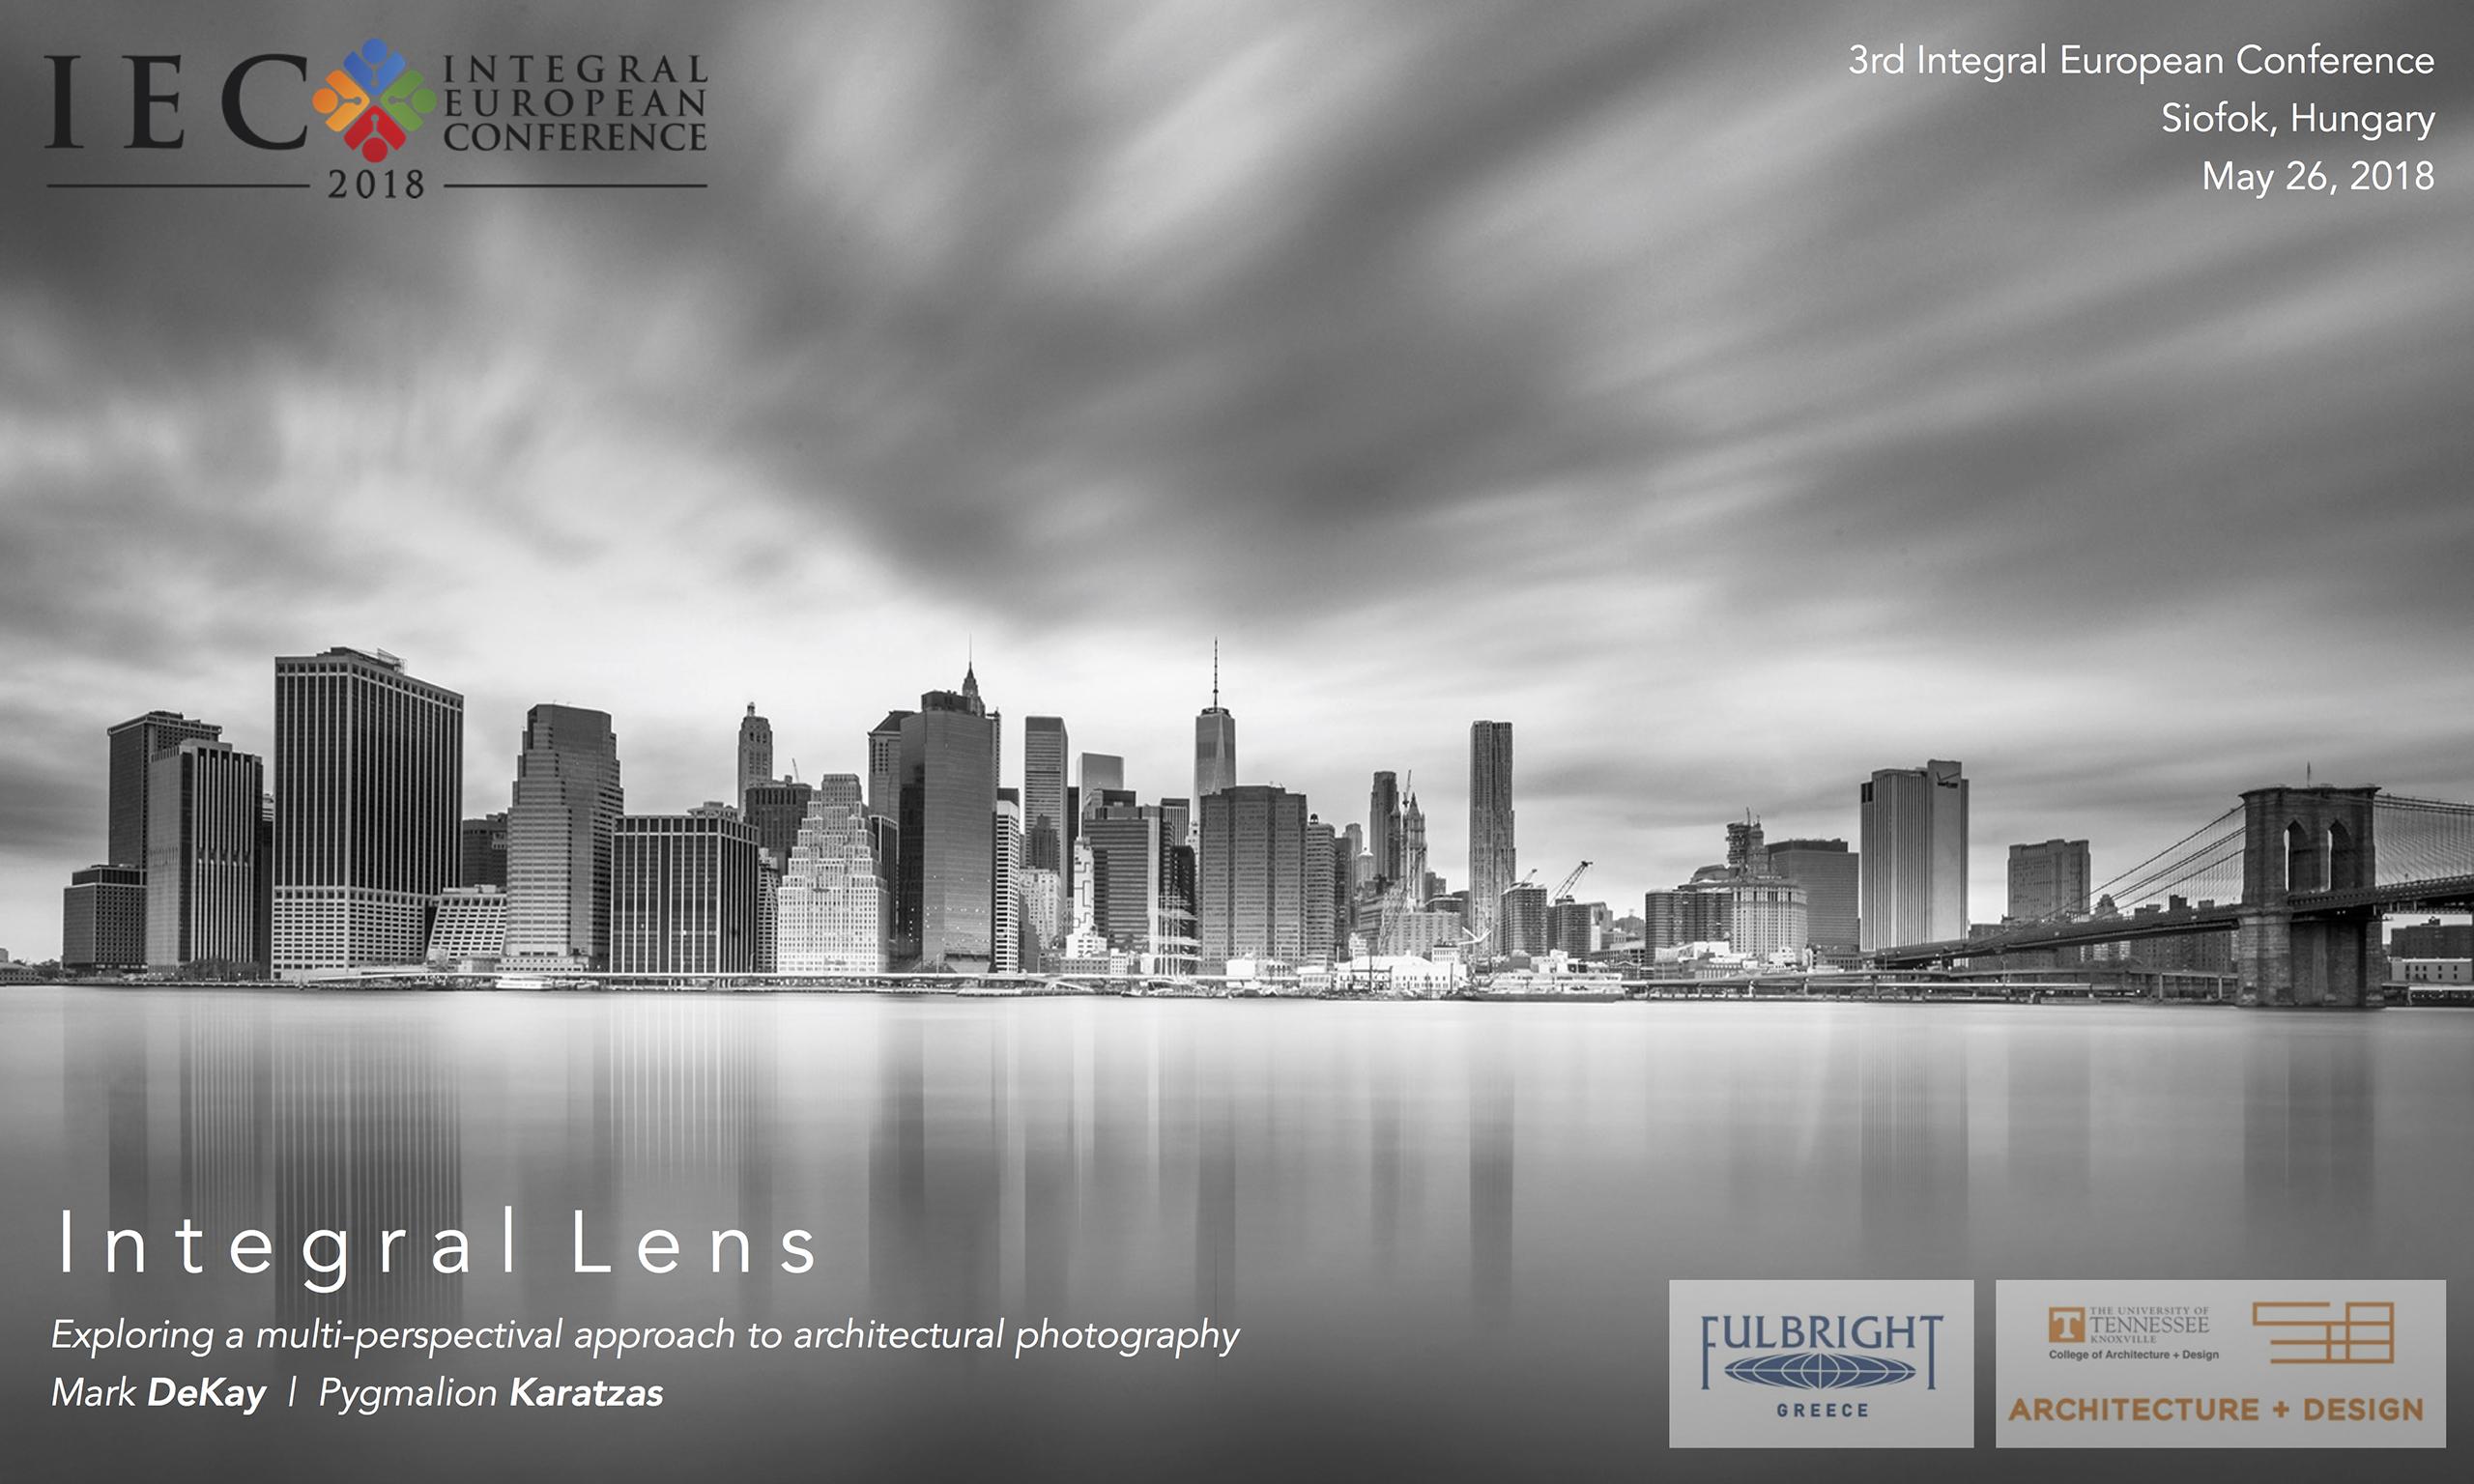 'Integral Lens' presentation